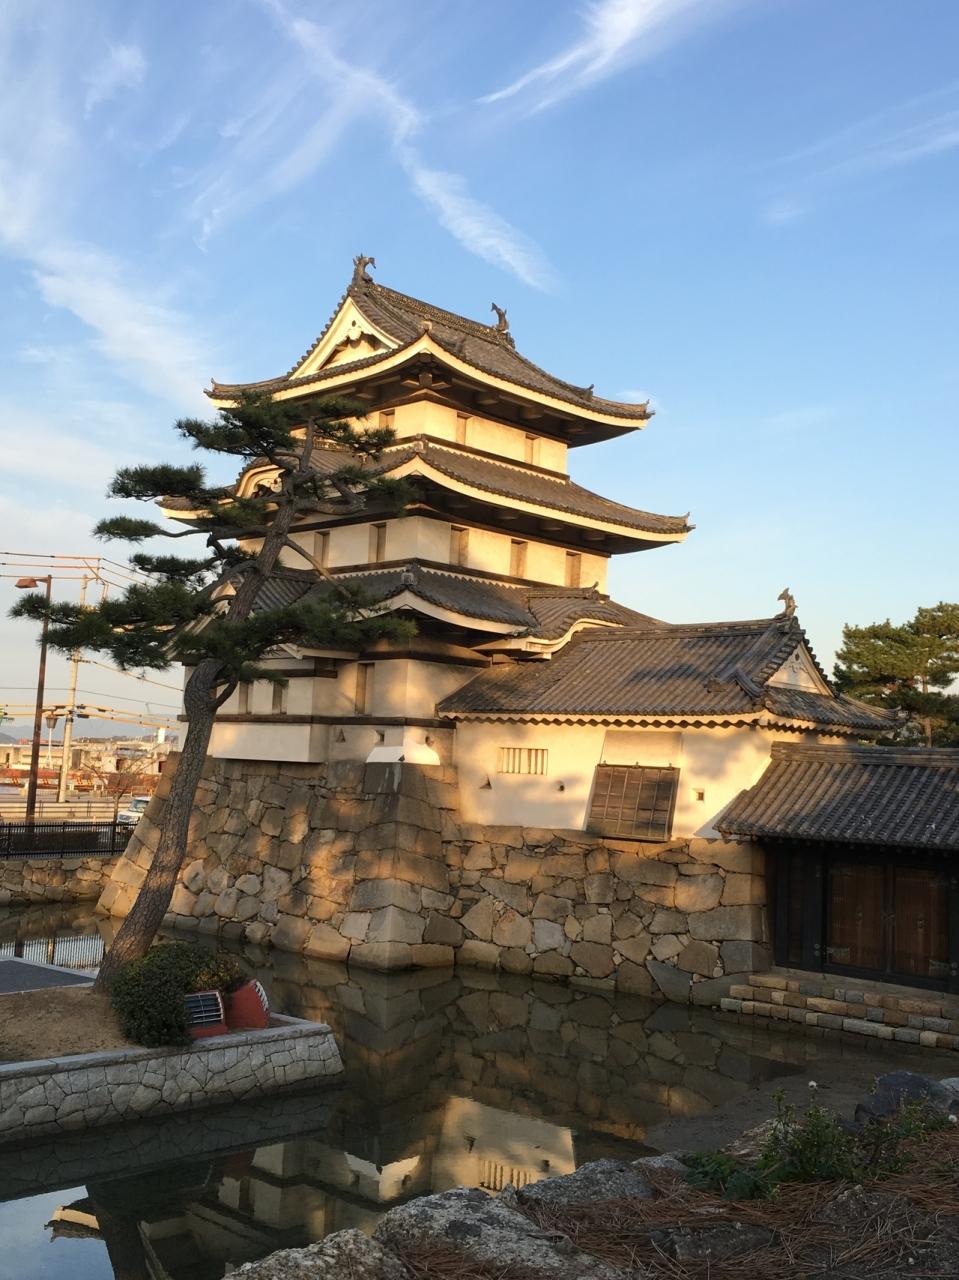 三大水城の一つ高松城跡